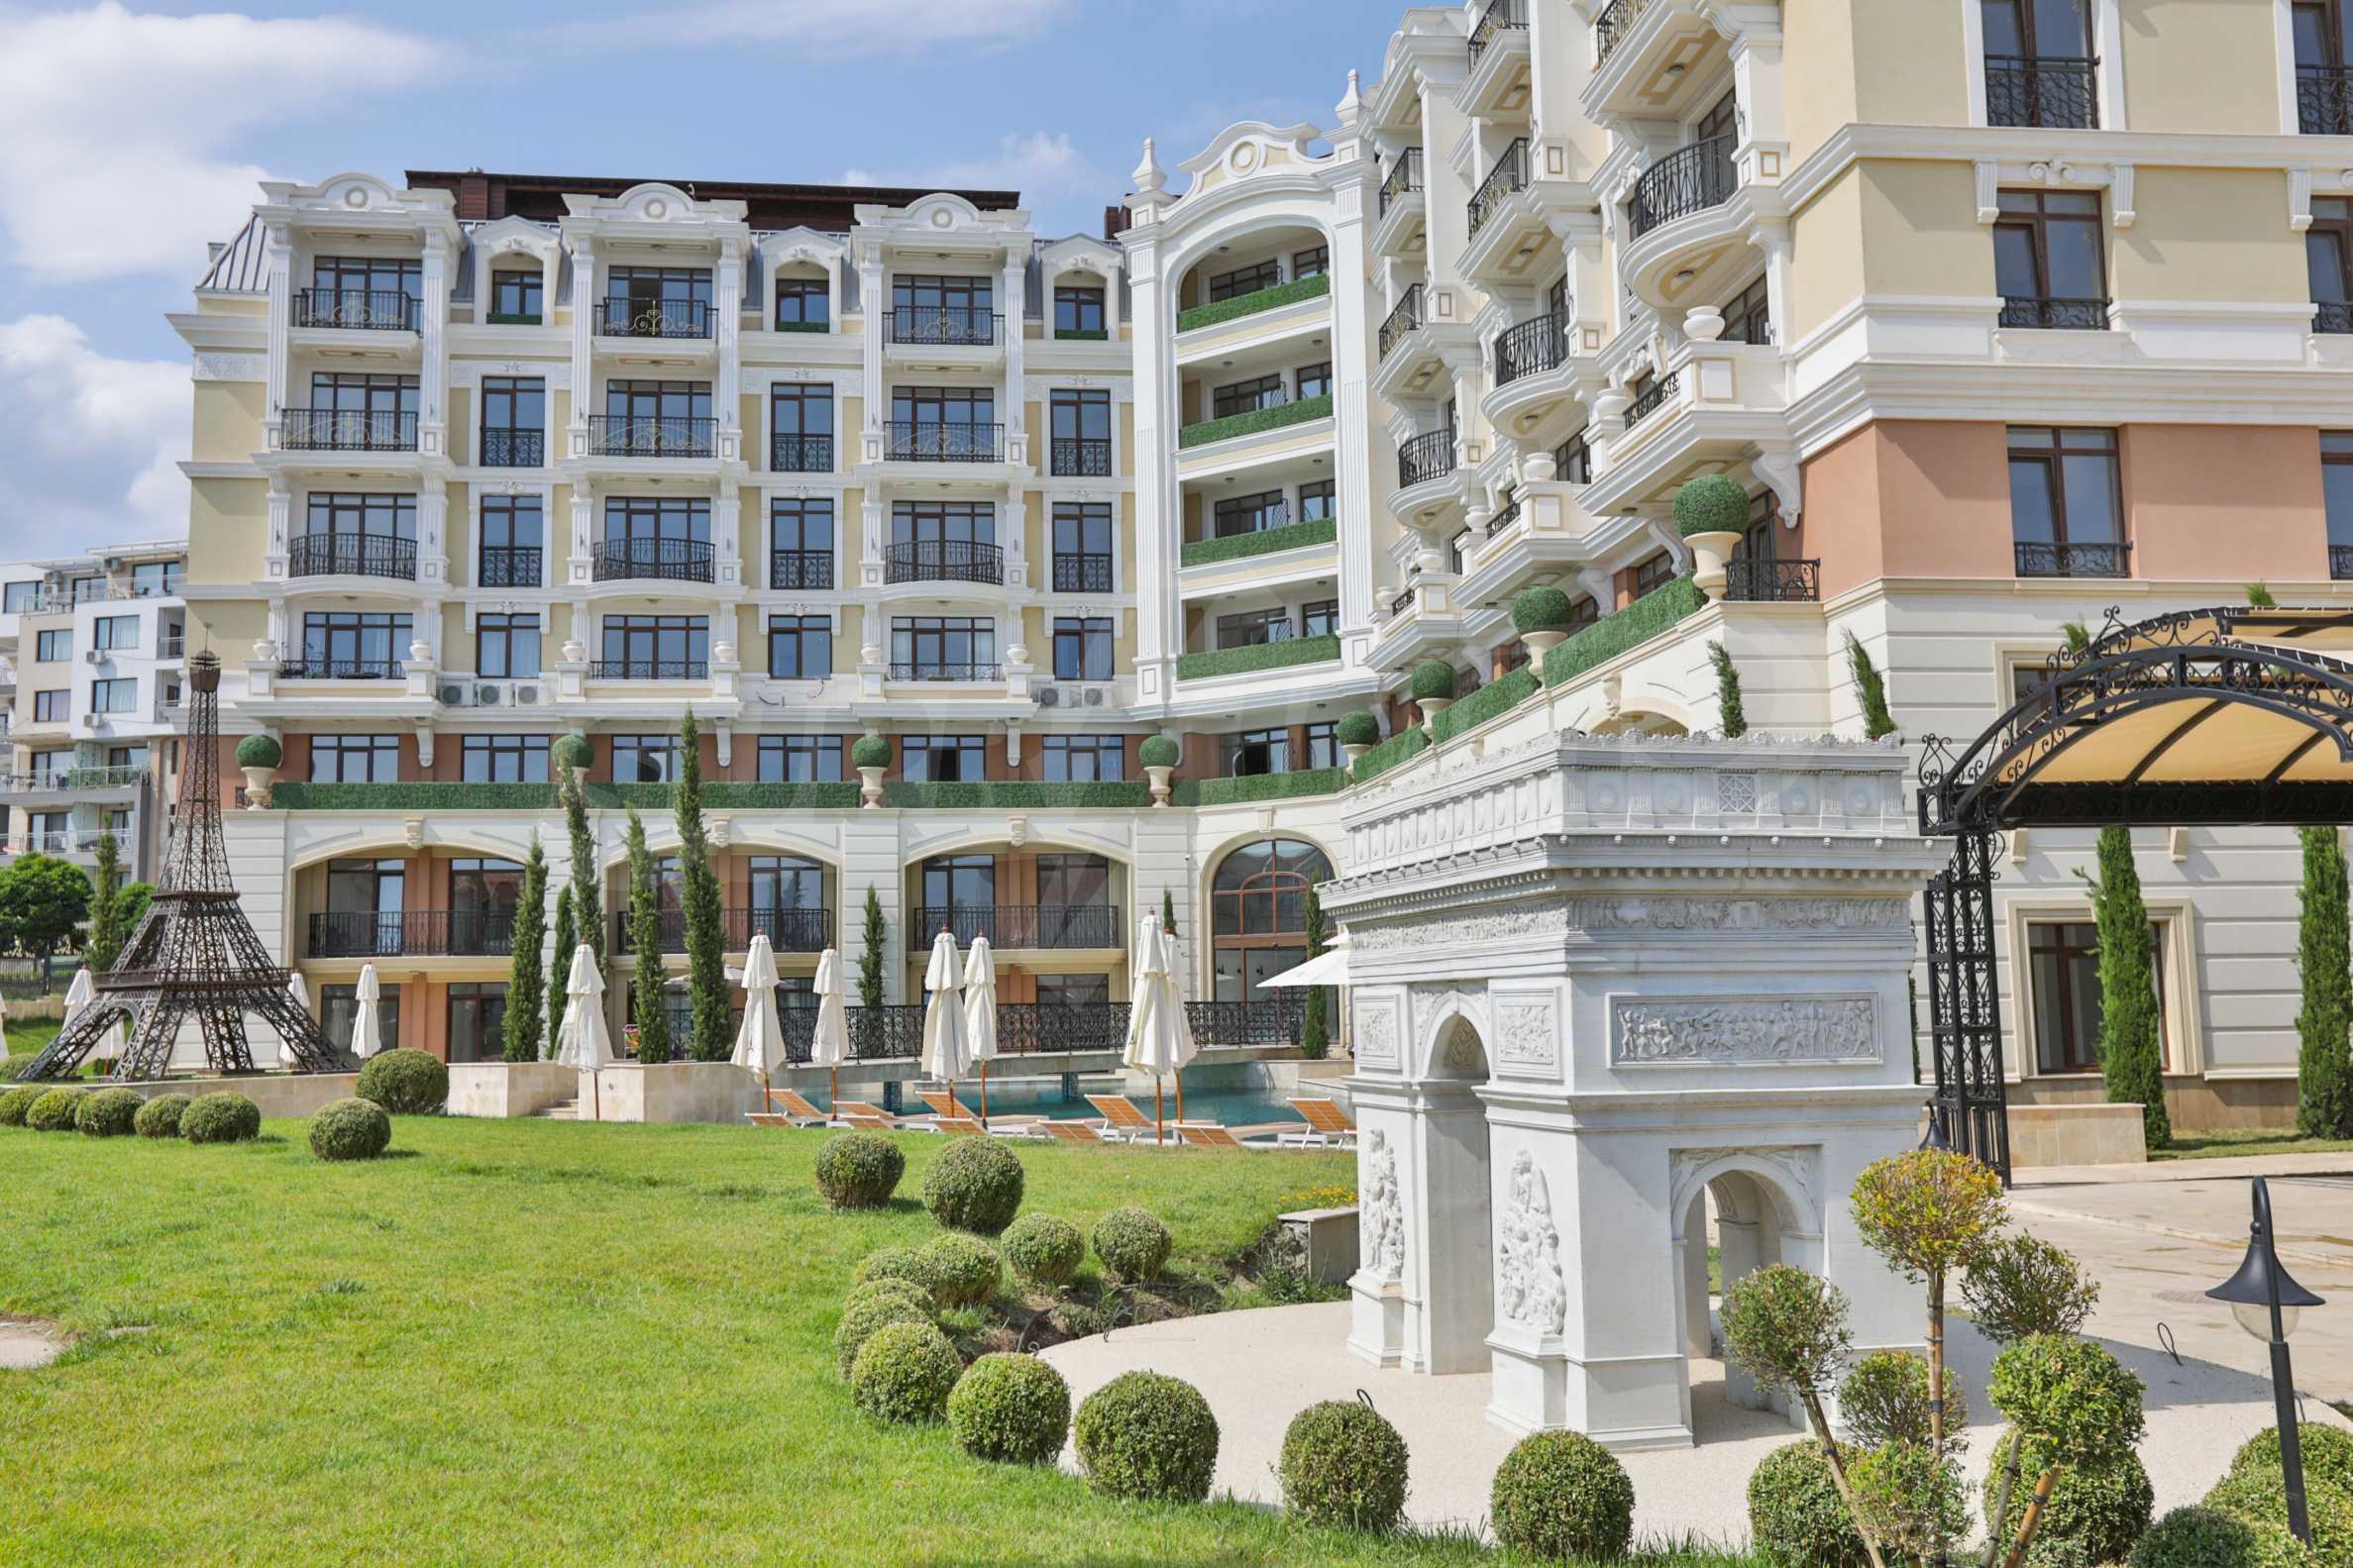 Erstklassige Apartments  zum TOP-Preis ab 890 €/m² im Komplex im Stil der französischen Renaissance (Akt 16) 2